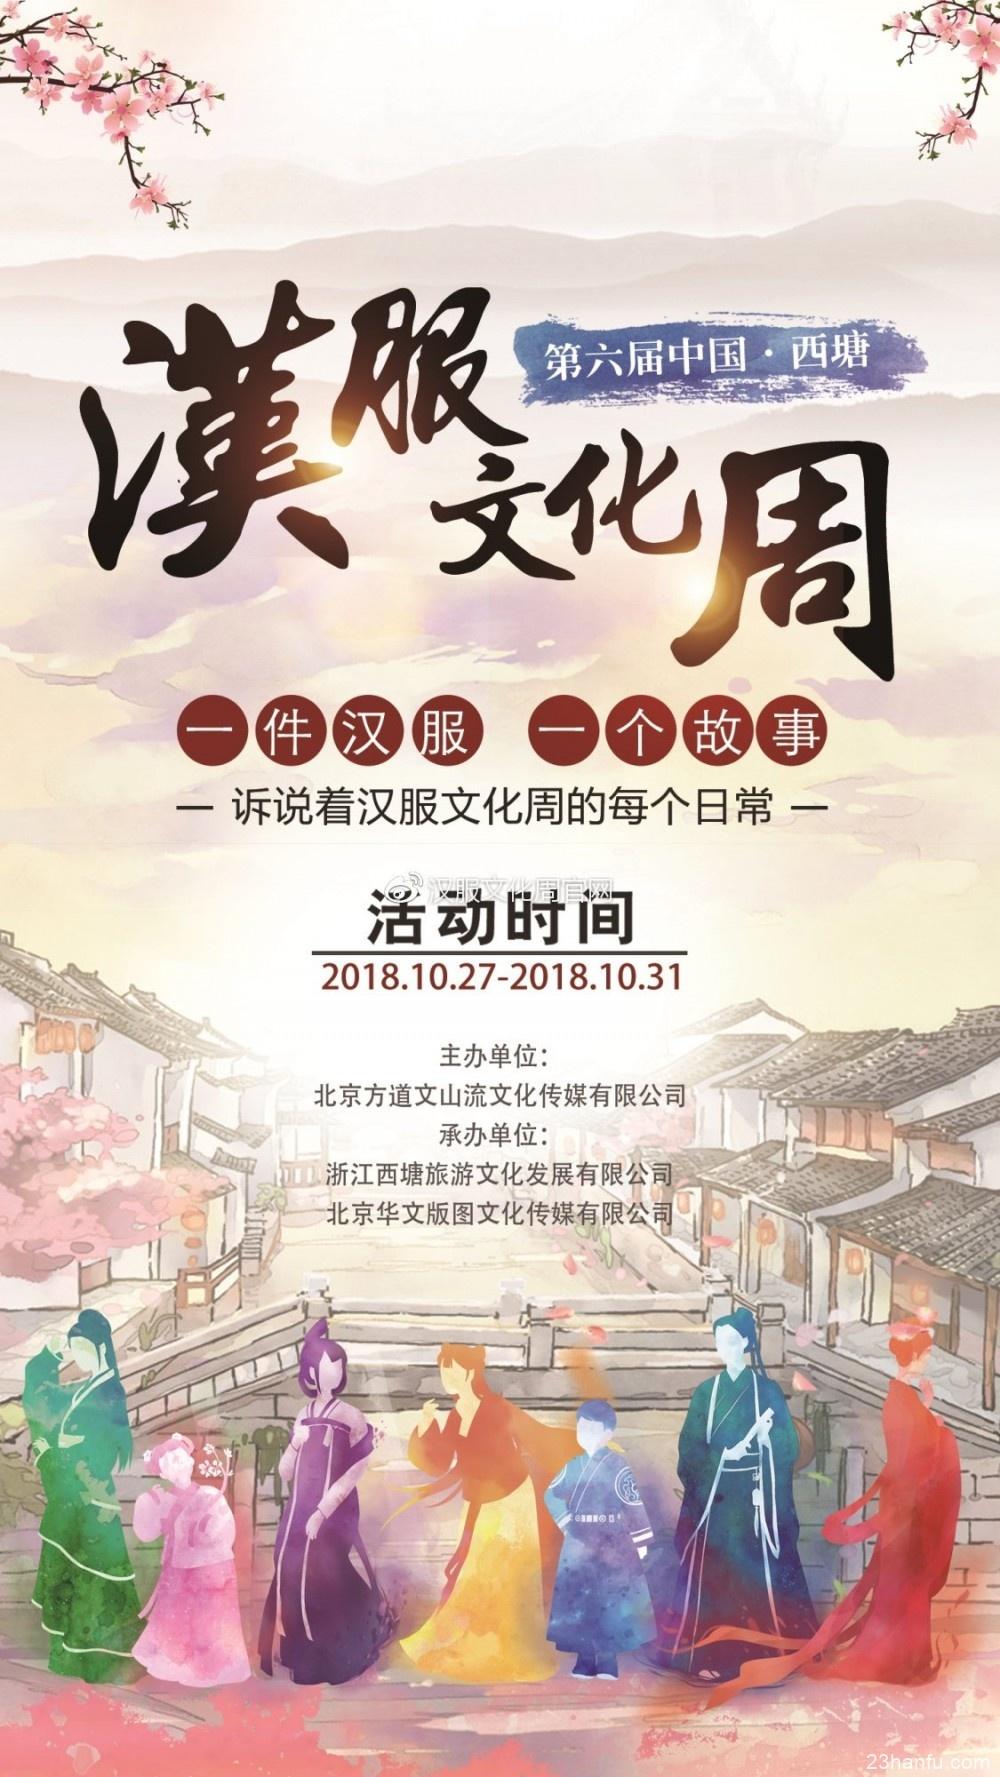 第六届中国西塘汉服文化周活动公告